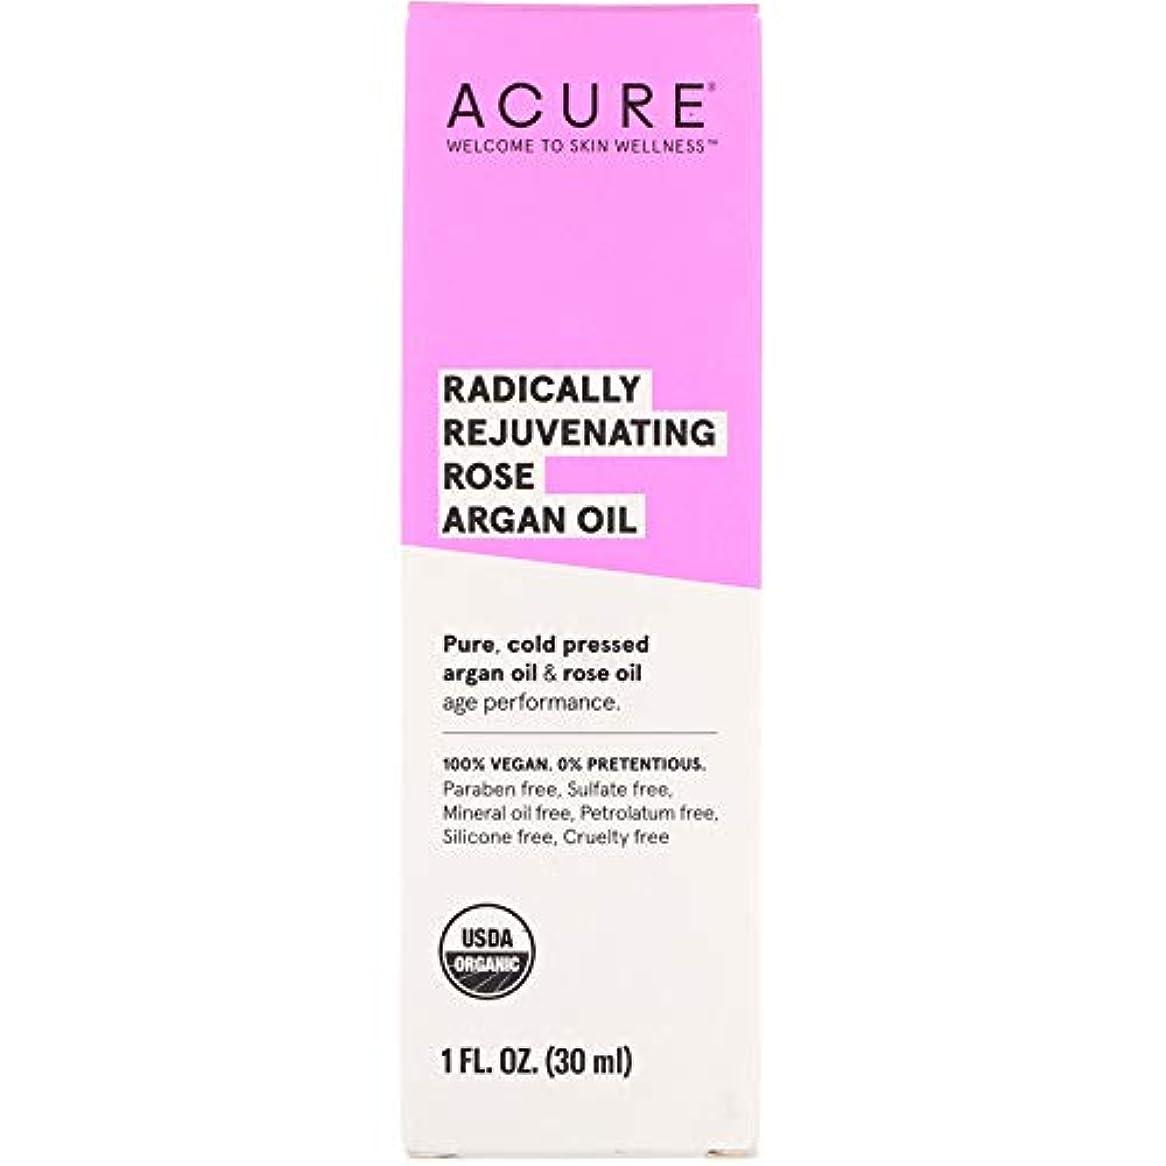 おもてなし赤道お世話になったAcure Organics, Radically Rejuvenating, Rose Argan Oil, 1 fl oz ローズアルガンオイル (30 ml) [並行輸入品]